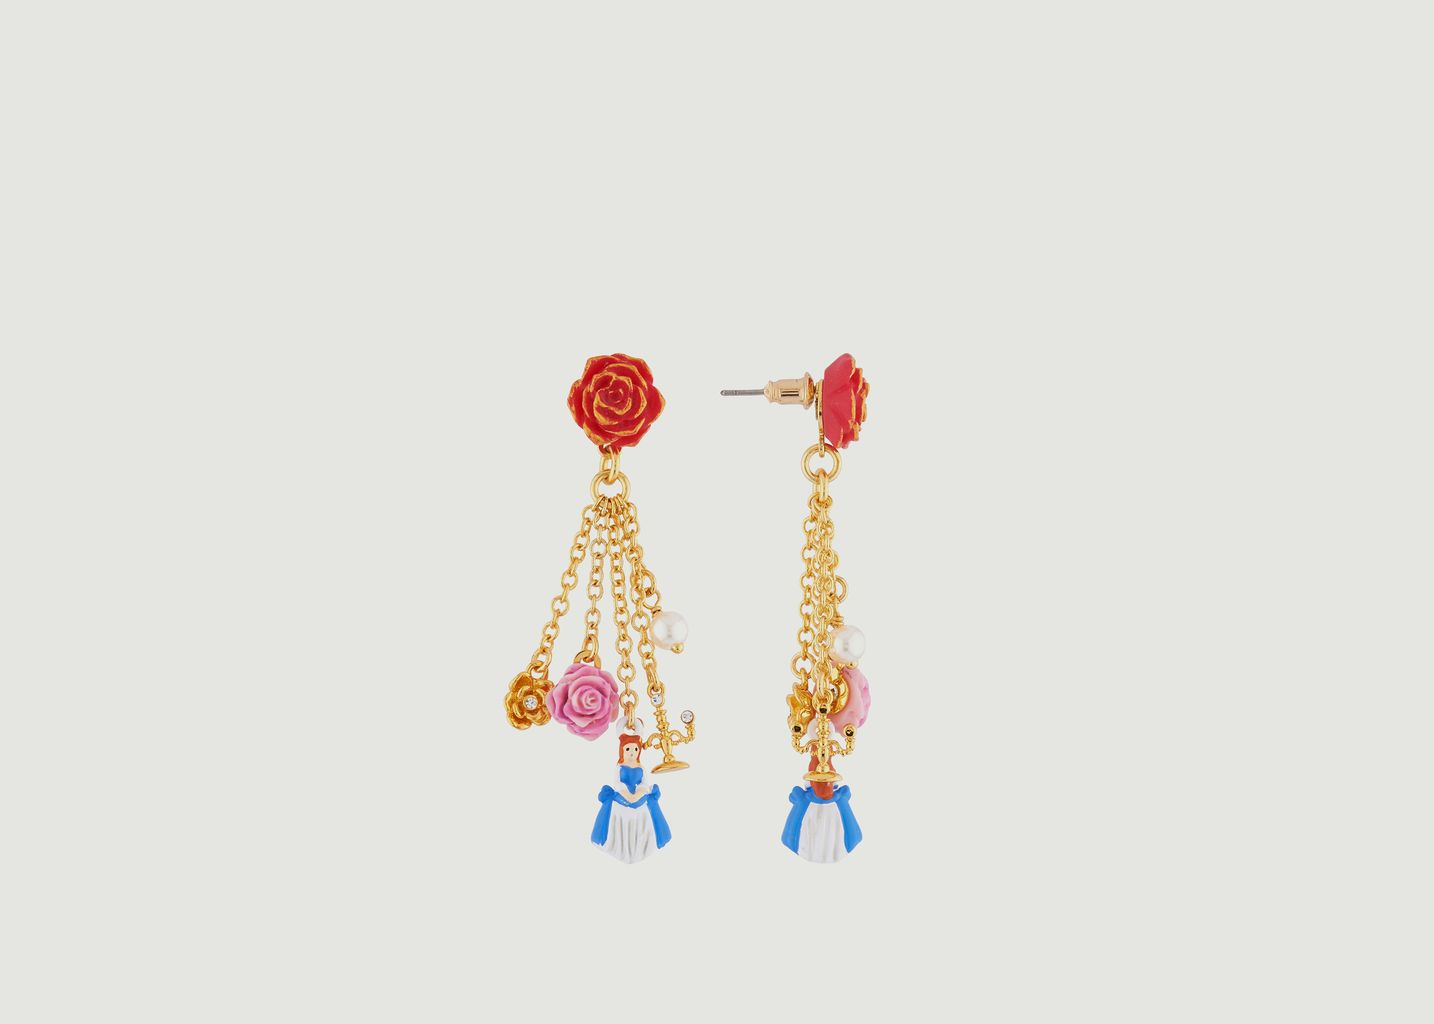 Boucles d'Oreilles Rose Rouge et Pampilles la Belle, Fleurs, Perle et Chandelier - N2